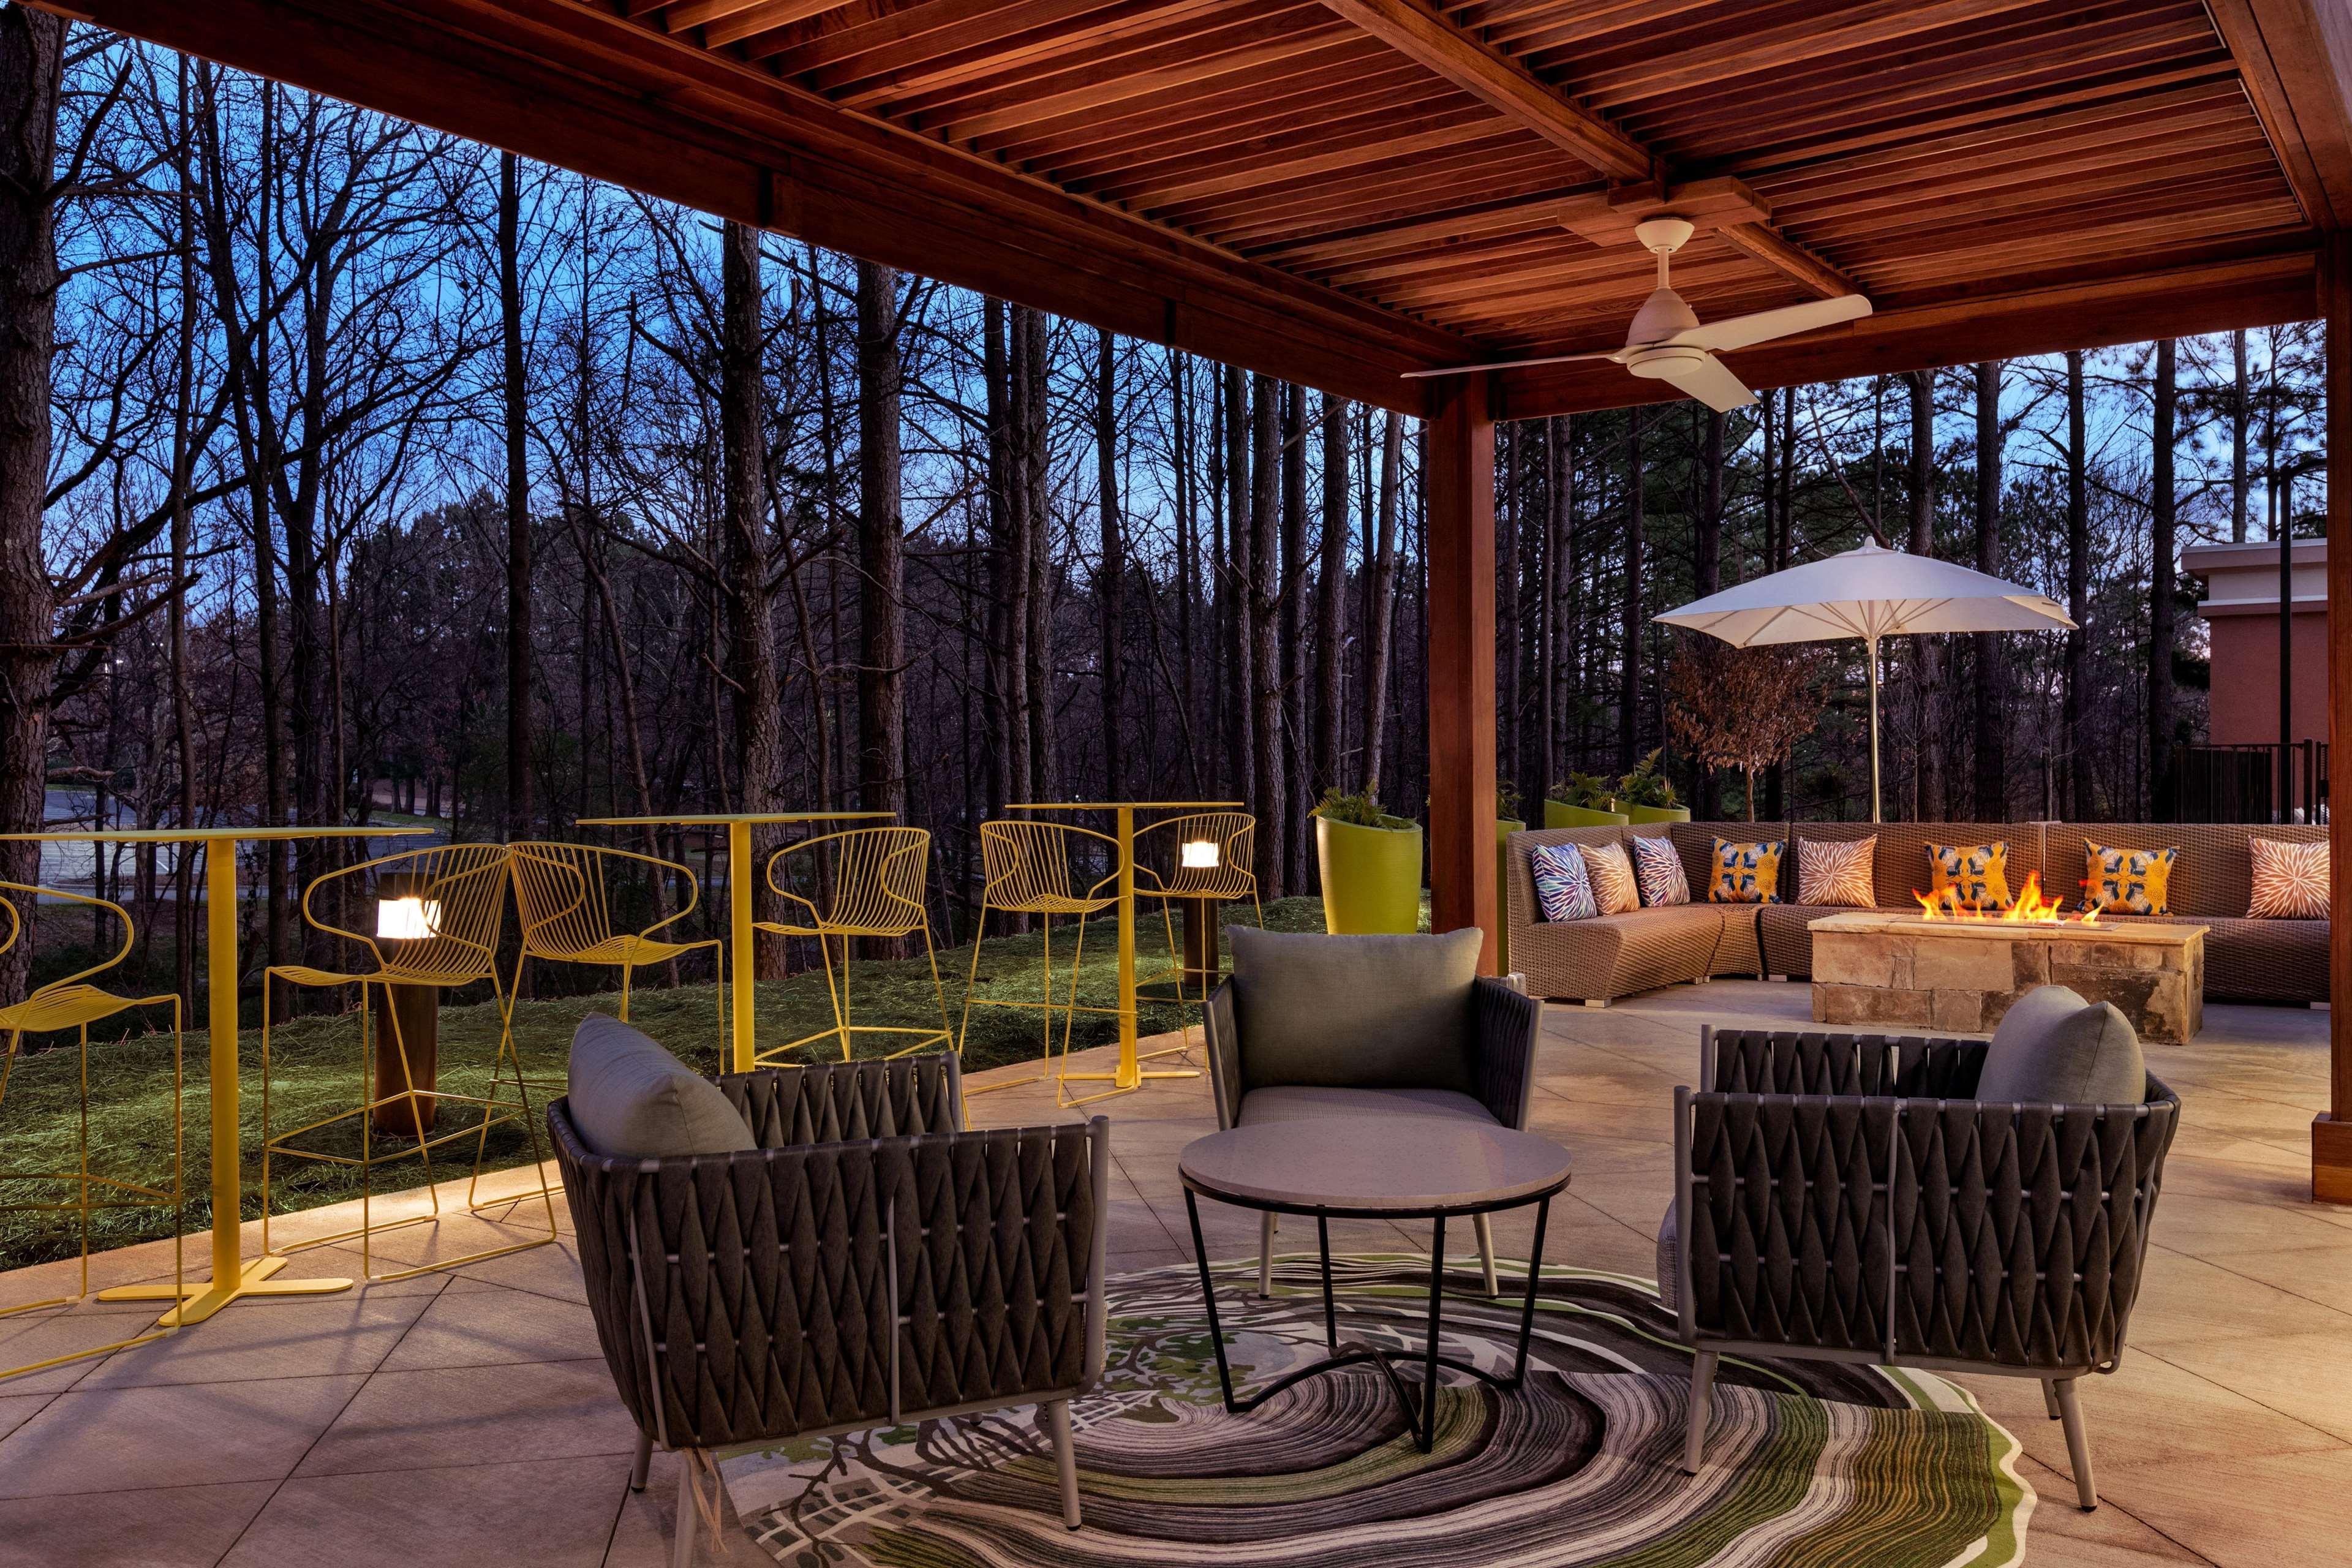 Hampton Inn and Suites Johns Creek image 1